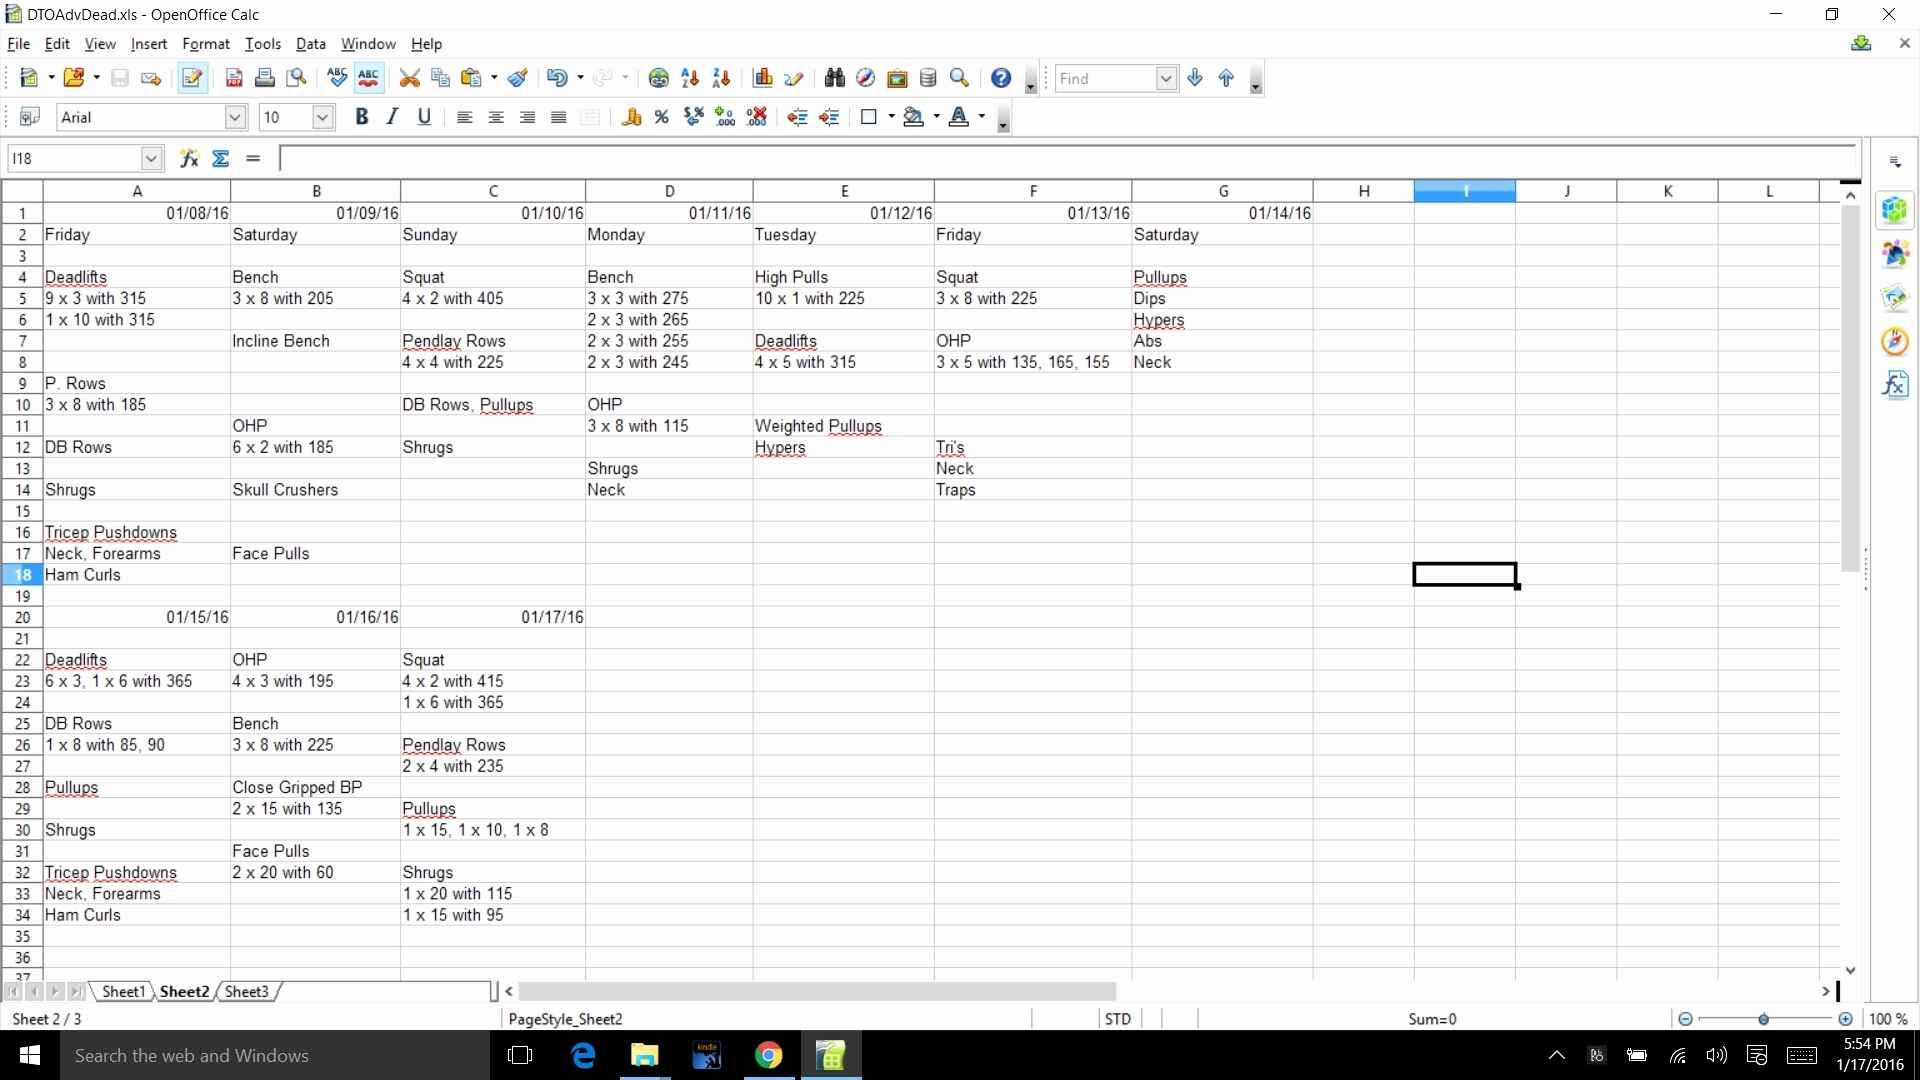 5x5 Workout Routine Spreadsheet With Regard To